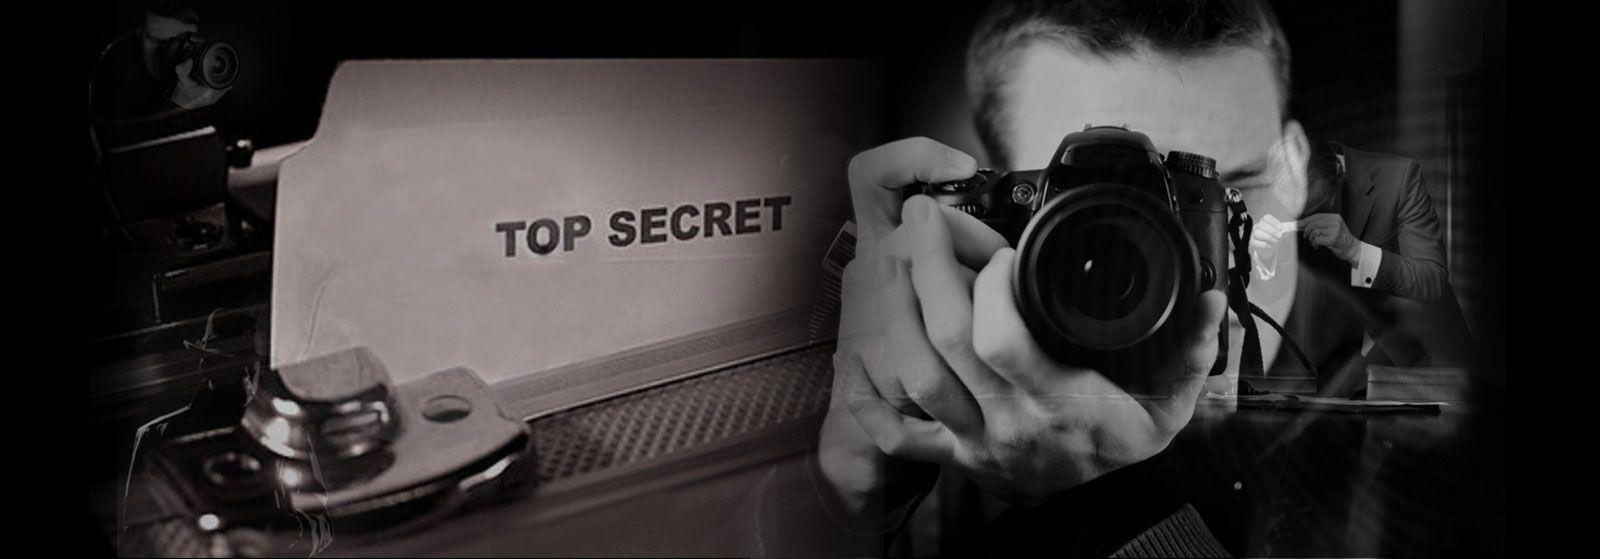 Pin On Private Investigators Private Detective